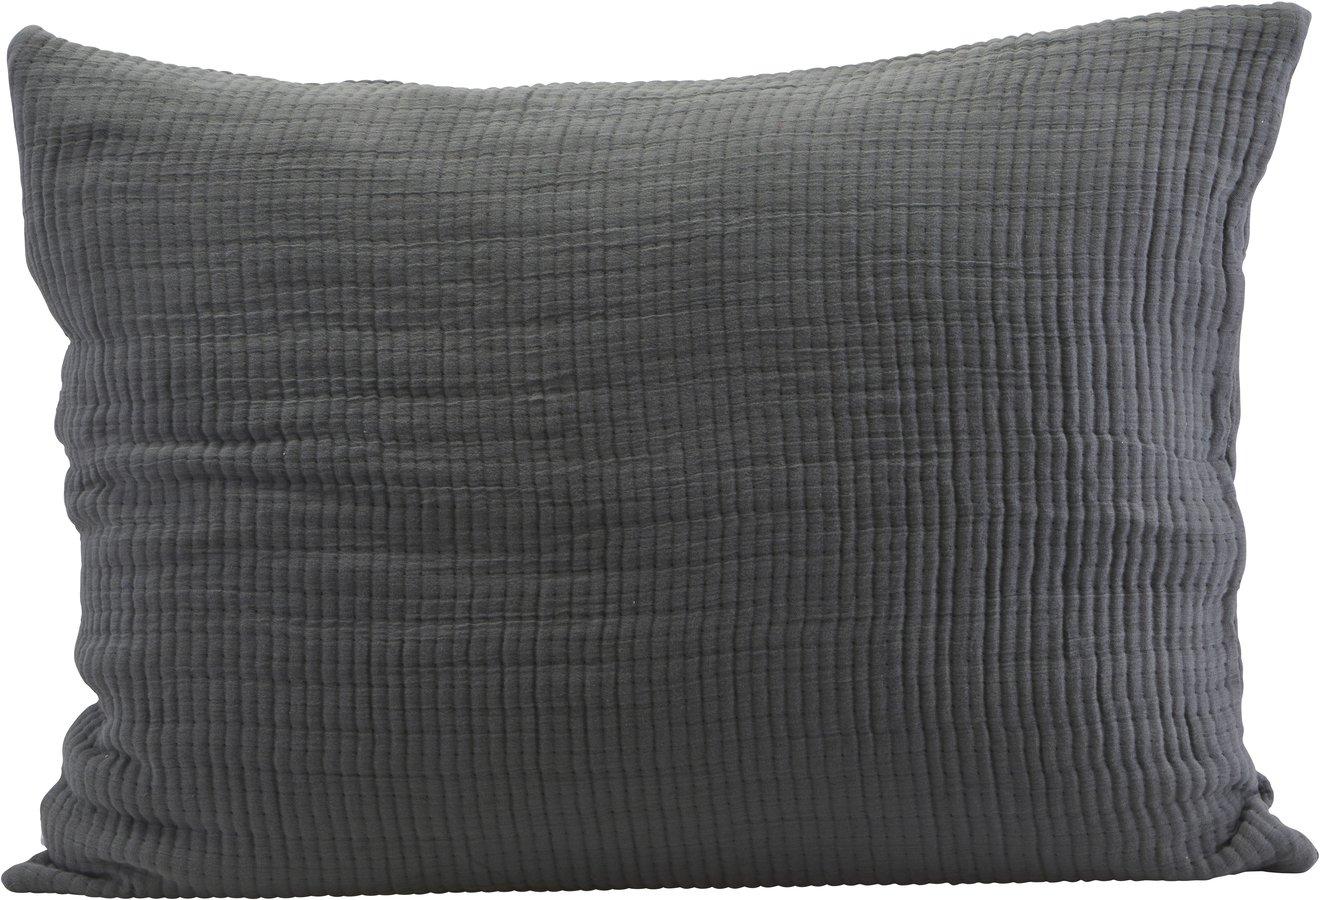 Image of   Pudebetræk, Lia by House Doctor (B: 60 cm. L: 80 cm., Mørkegrå)